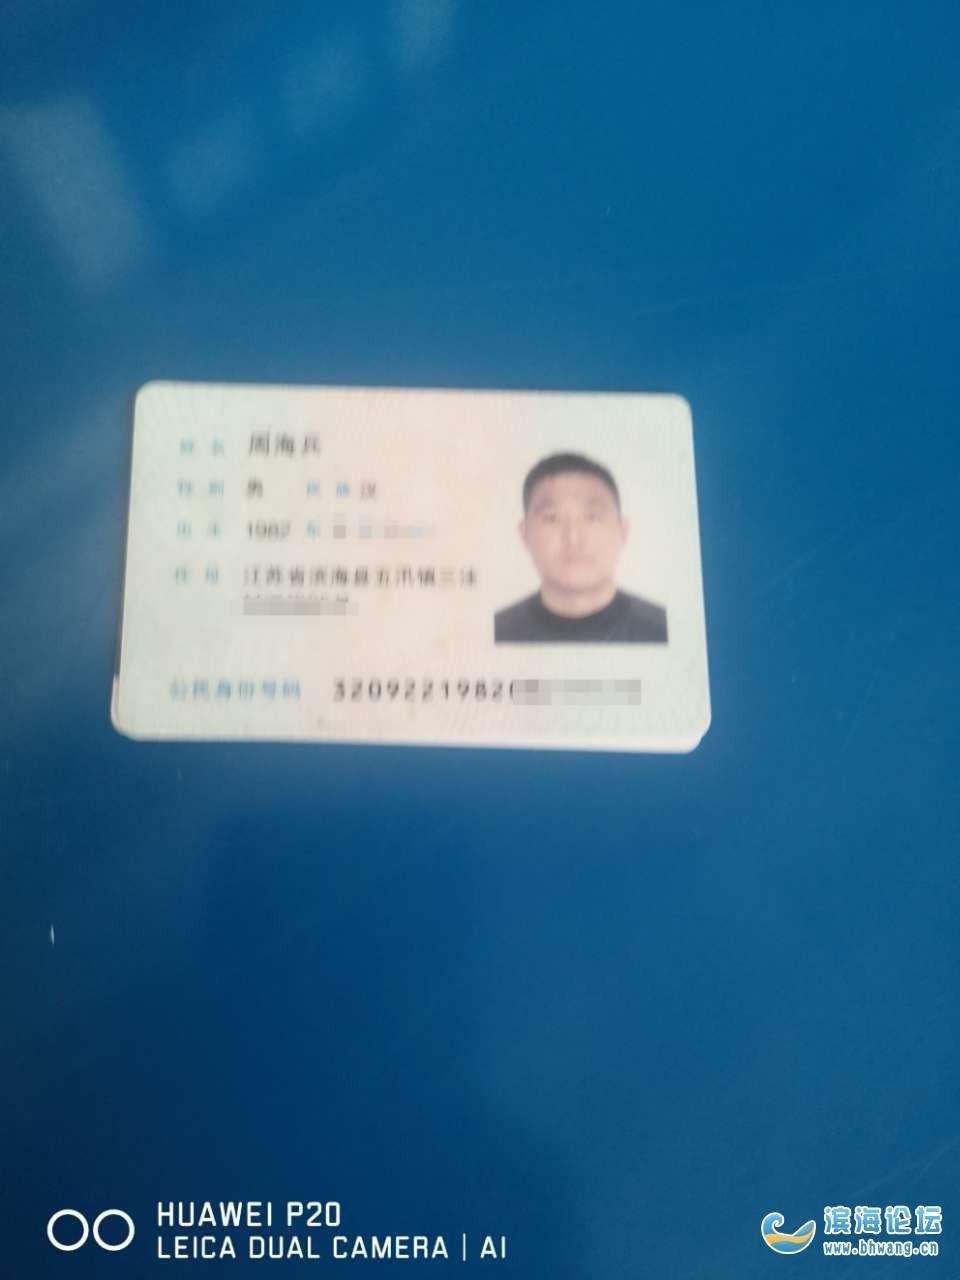 五讯镇82年的周海兵,你的身份证在镇江市苏南人力资源市场,门口医保咨询处。请大家相互转告。